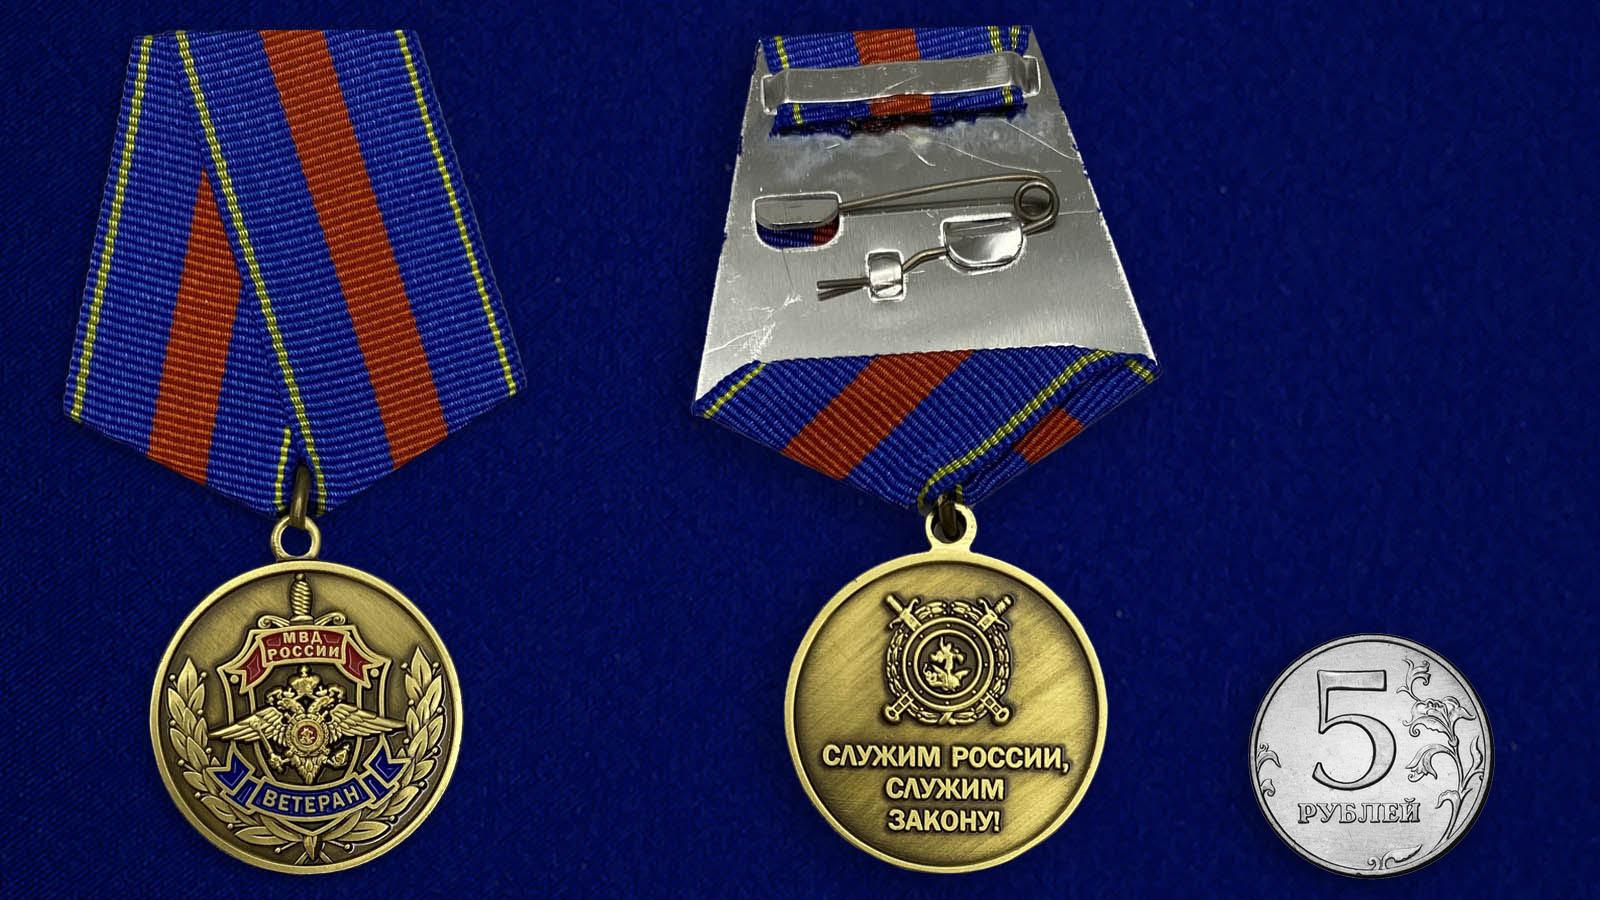 Медаль Ветеран МВД «Служим России, служим закону!» - сравнительный размер